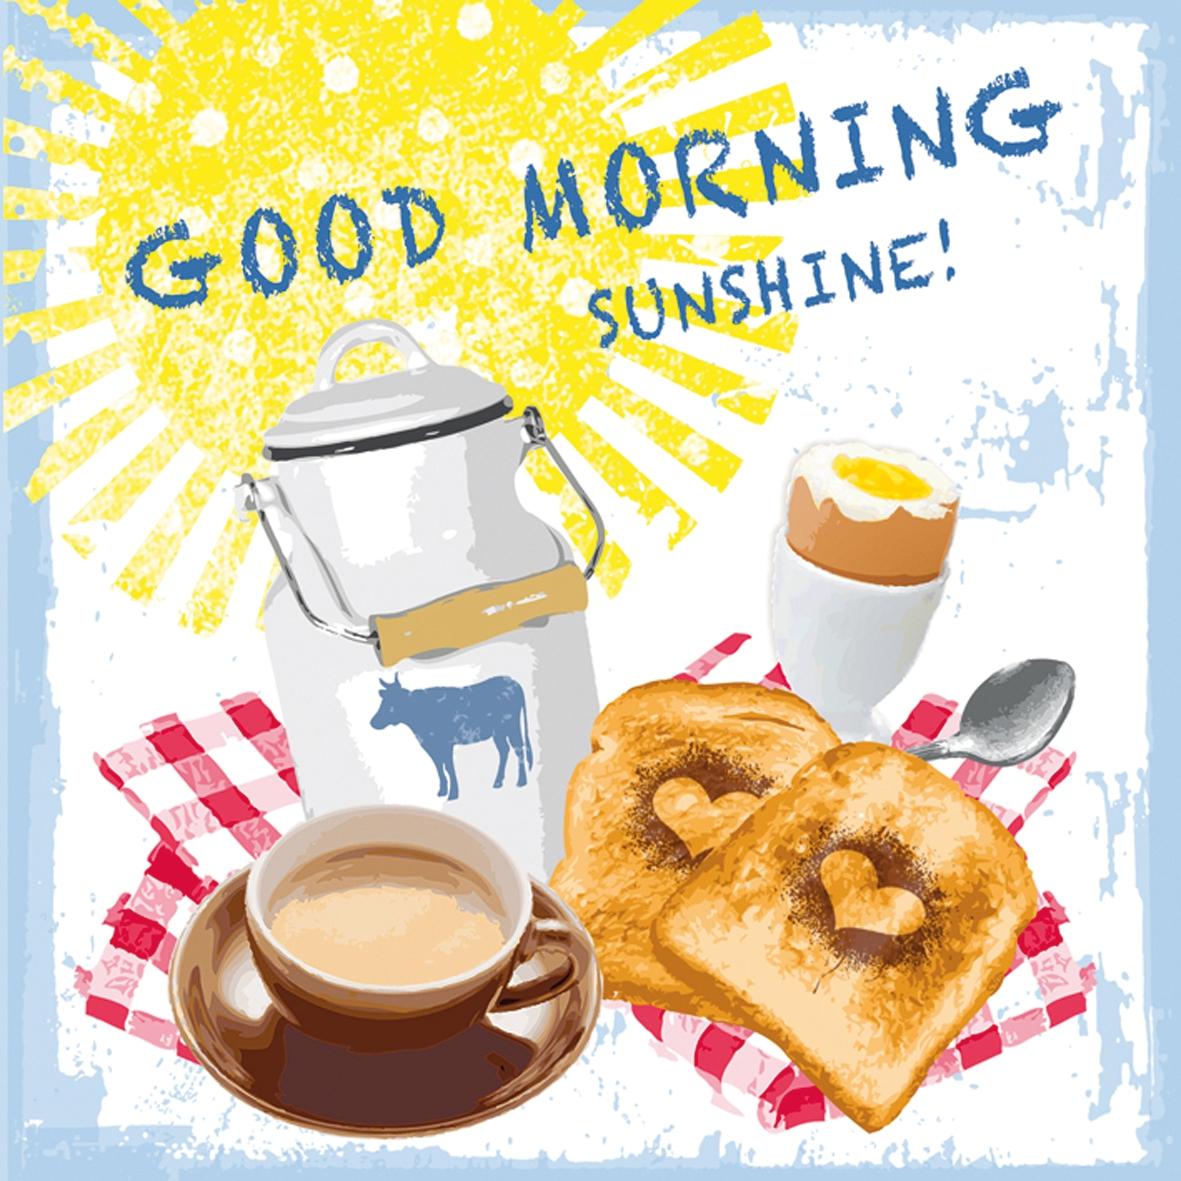 Paperproducts Design,  Essen -  Sonstiges,  Getränke Kaffee / Tee,  Essen - Brot / Brötchen,  Everyday,  lunchservietten,  Frühstück,  Toast,  Eier,  Milch,  Kaffee